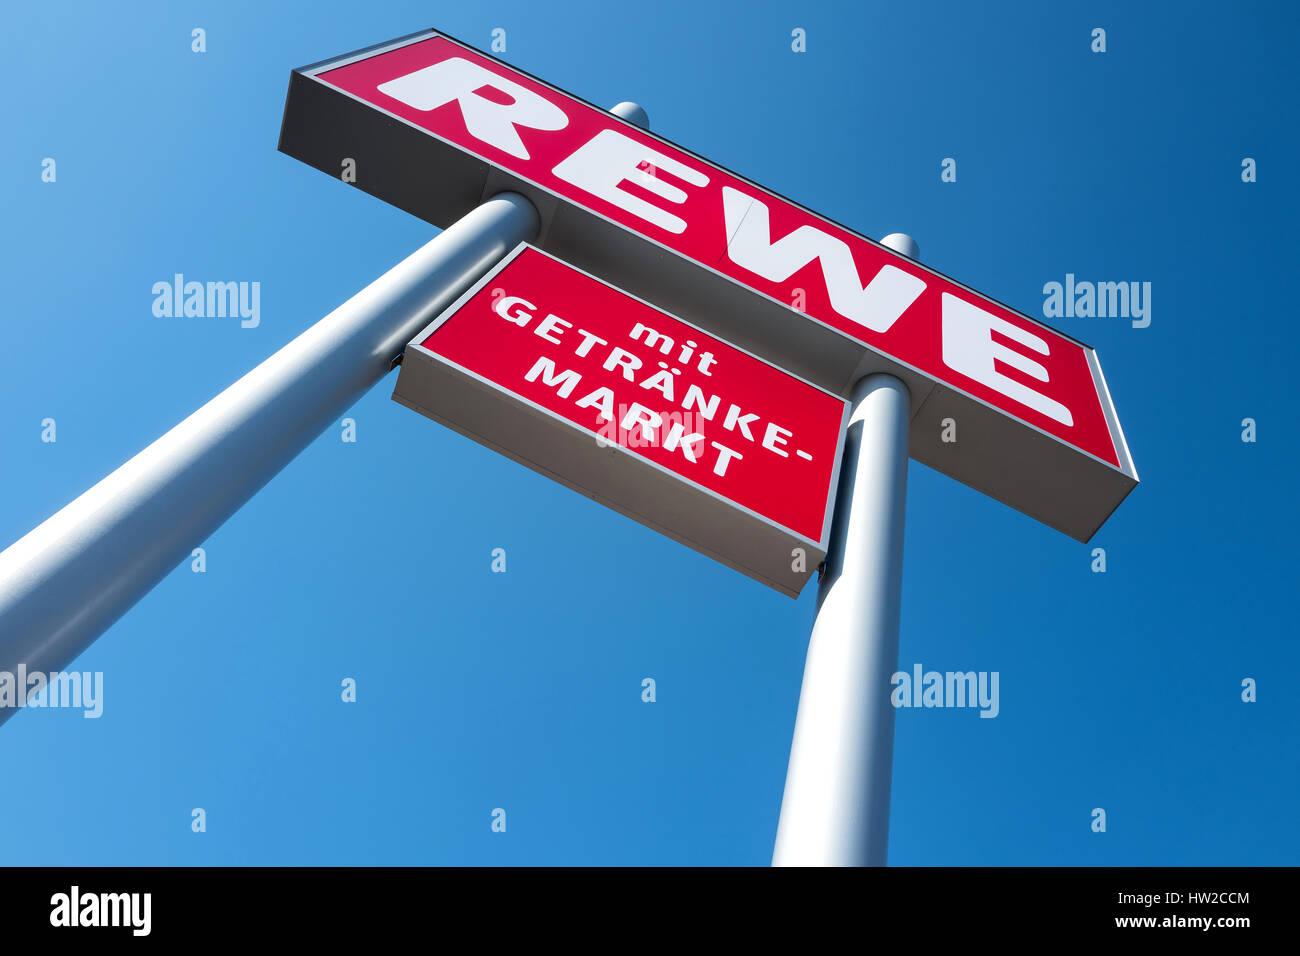 REWE-Schild (mit Getränkehandel) gegen blauen Himmel. REWE betreibt ...